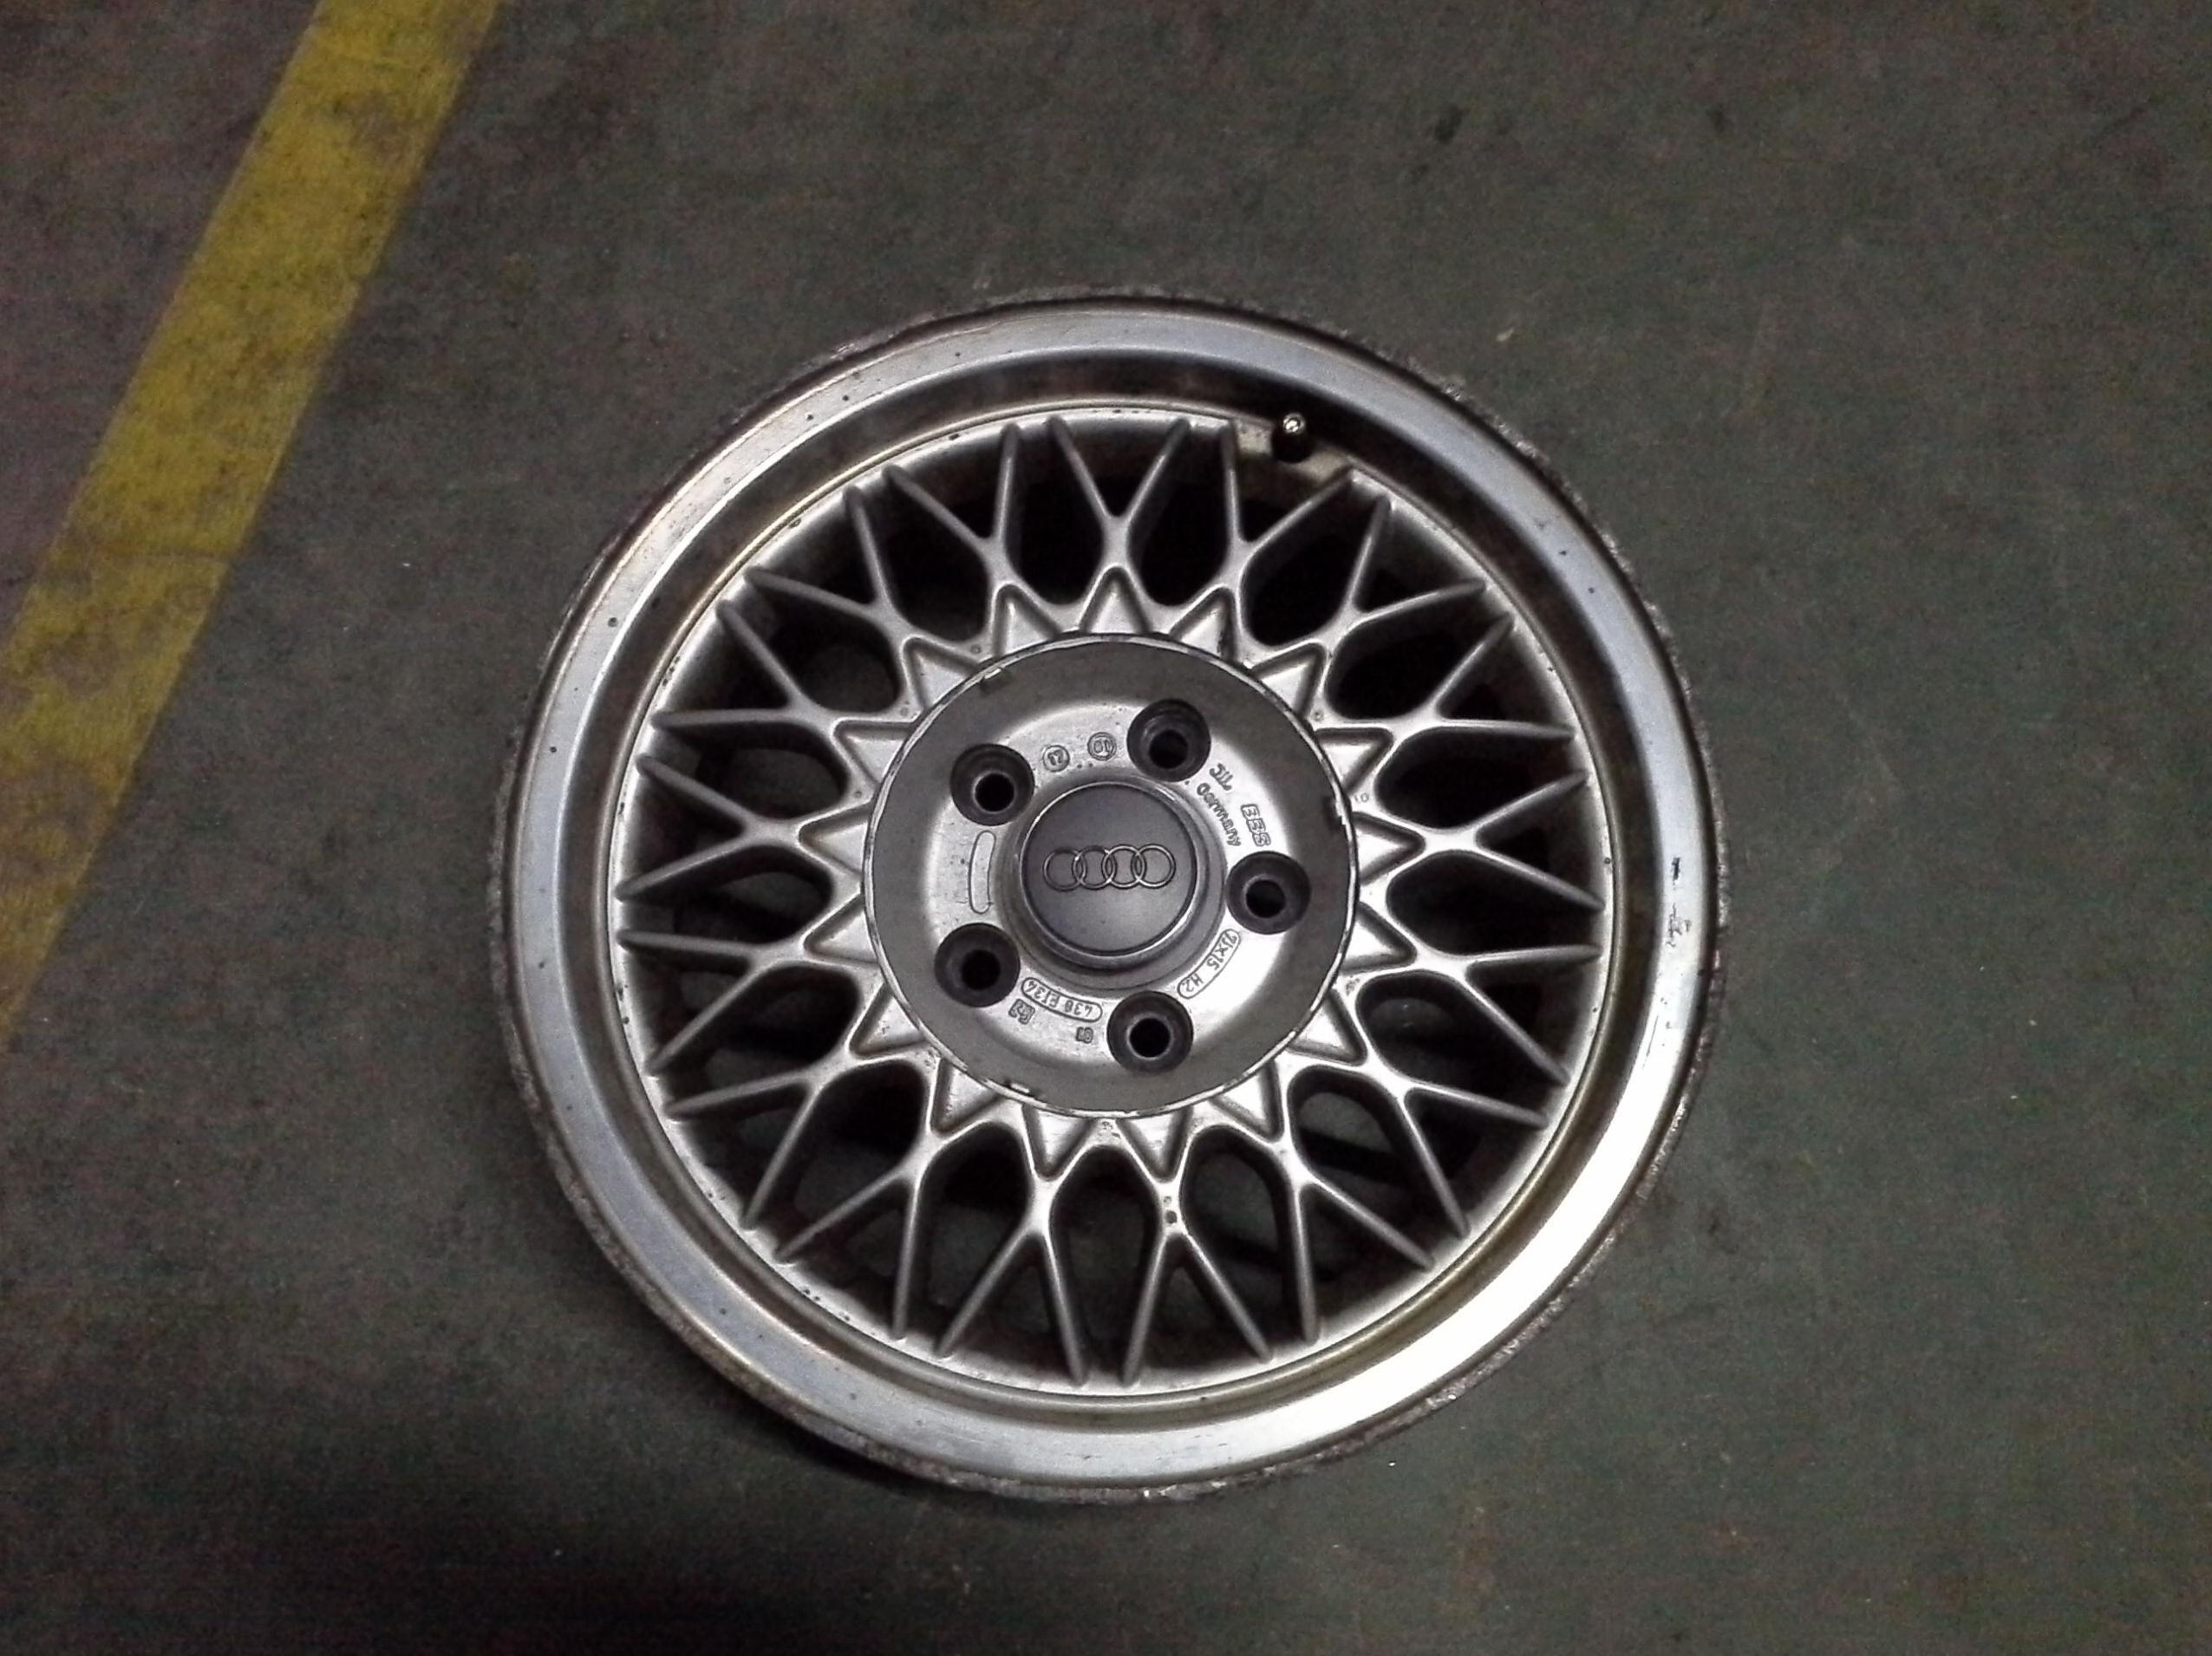 Llantas de aluminio de Audi en R-15 de 5 tornillos en Desguaces Clemente de Albacete